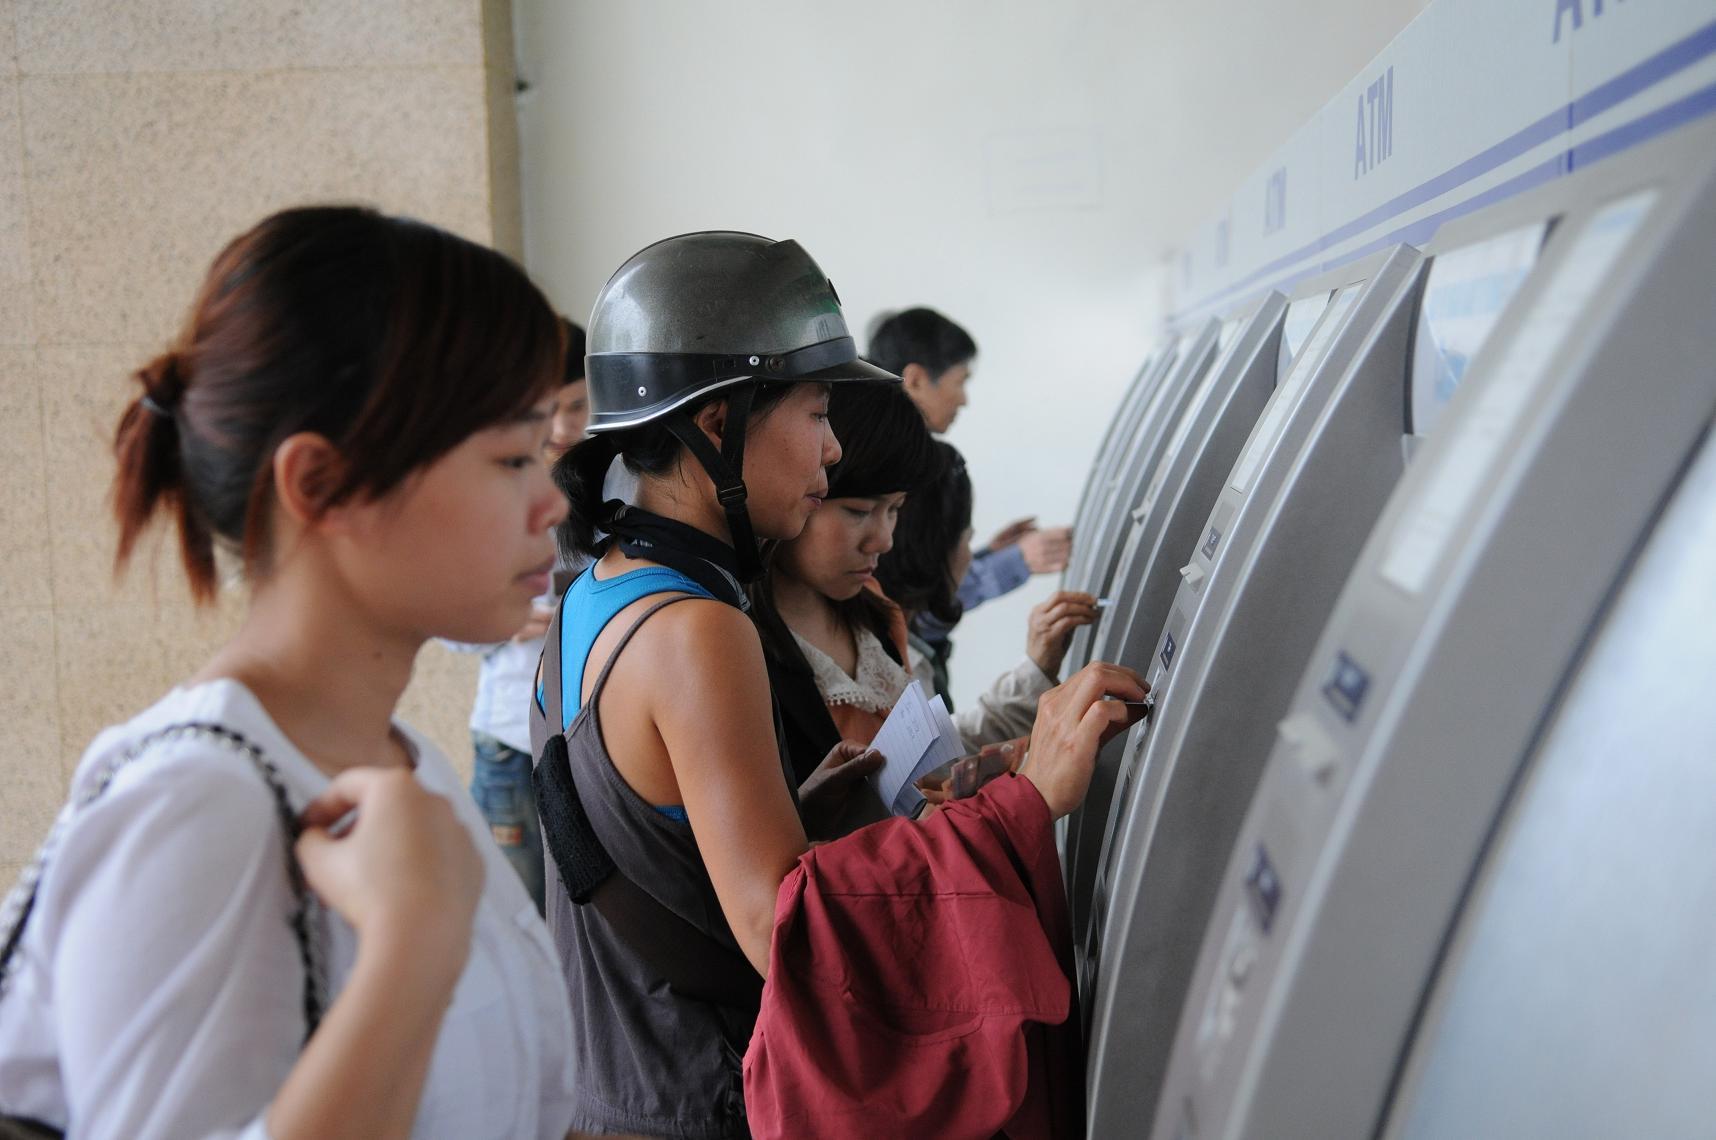 Chấn chỉnh về thời gian hoạt động của các máy ATM